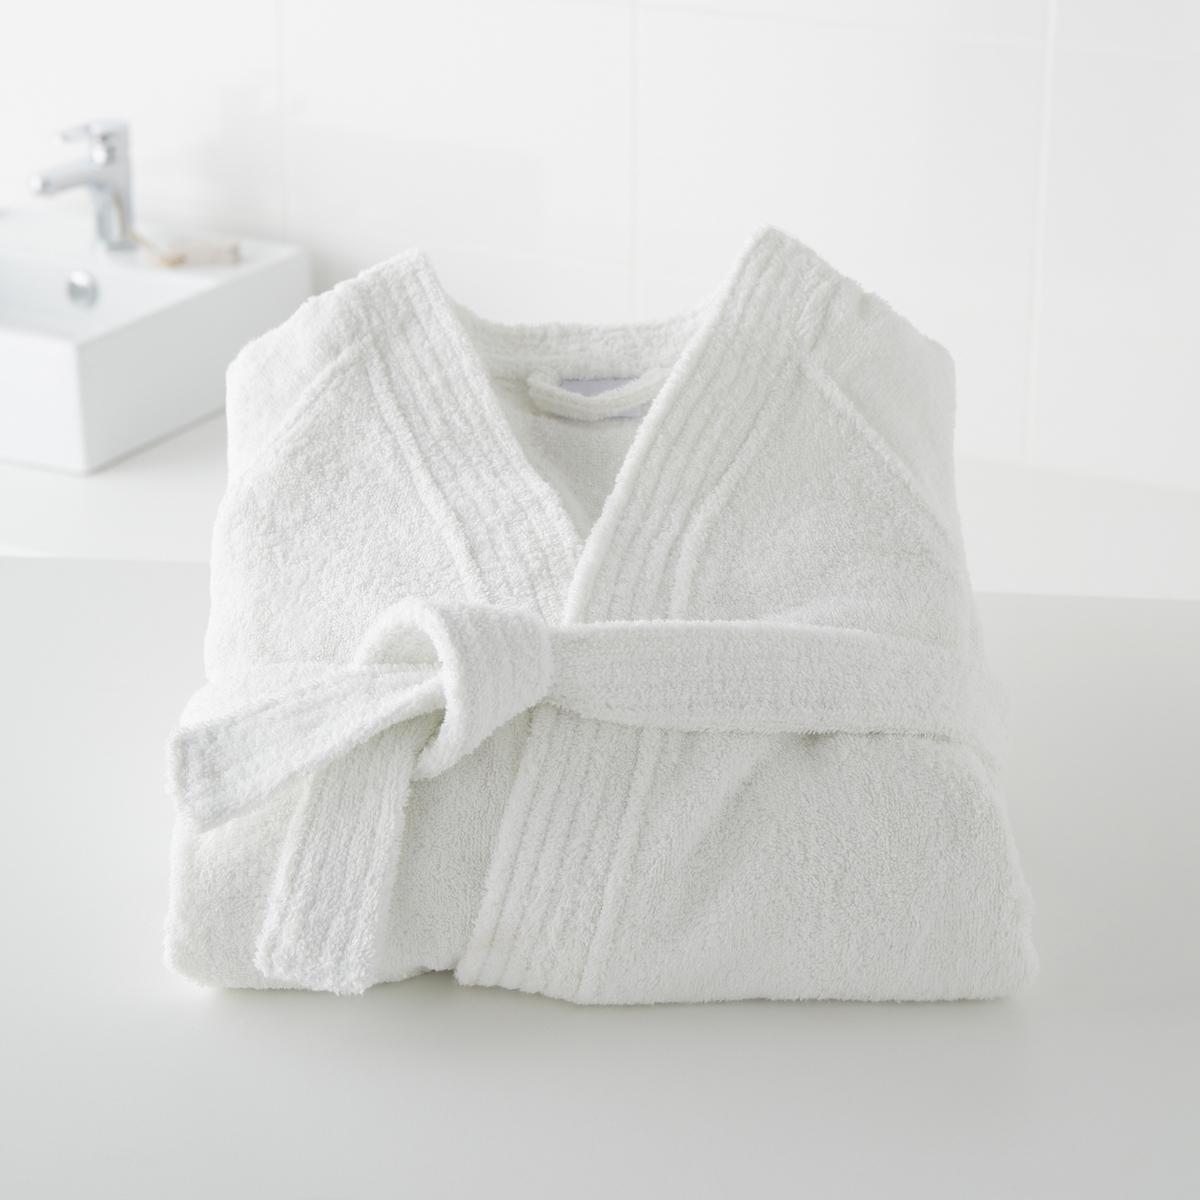 Халат с воротинком-кимоно 450 г/м?, качество BestОписаие халата:Хлопковый махровый материал высочайшего качества (450 г/м?).Рукава-реглан, 2 накладных кармана, пояс со шлевками.Длина 110 - 113 см.<br><br>Цвет: белый,зелено-синий,розовая пудра,светло-синий,Серо-синий,синий морской,темно-серый,фиолетовый<br>Размер: 38/40 (FR) - 44/46 (RUS).38/40 (FR) - 44/46 (RUS).38/40 (FR) - 44/46 (RUS).50/52 (FR) - 56/58 (RUS).38/40 (FR) - 44/46 (RUS).42/44 (FR) - 48/50 (RUS).50/52 (FR) - 56/58 (RUS).42/44 (FR) - 48/50 (RUS).34/36 (FR) - 40/42 (RUS).46/48 (FR) - 52/54 (RUS).50/52 (FR) - 56/58 (RUS)